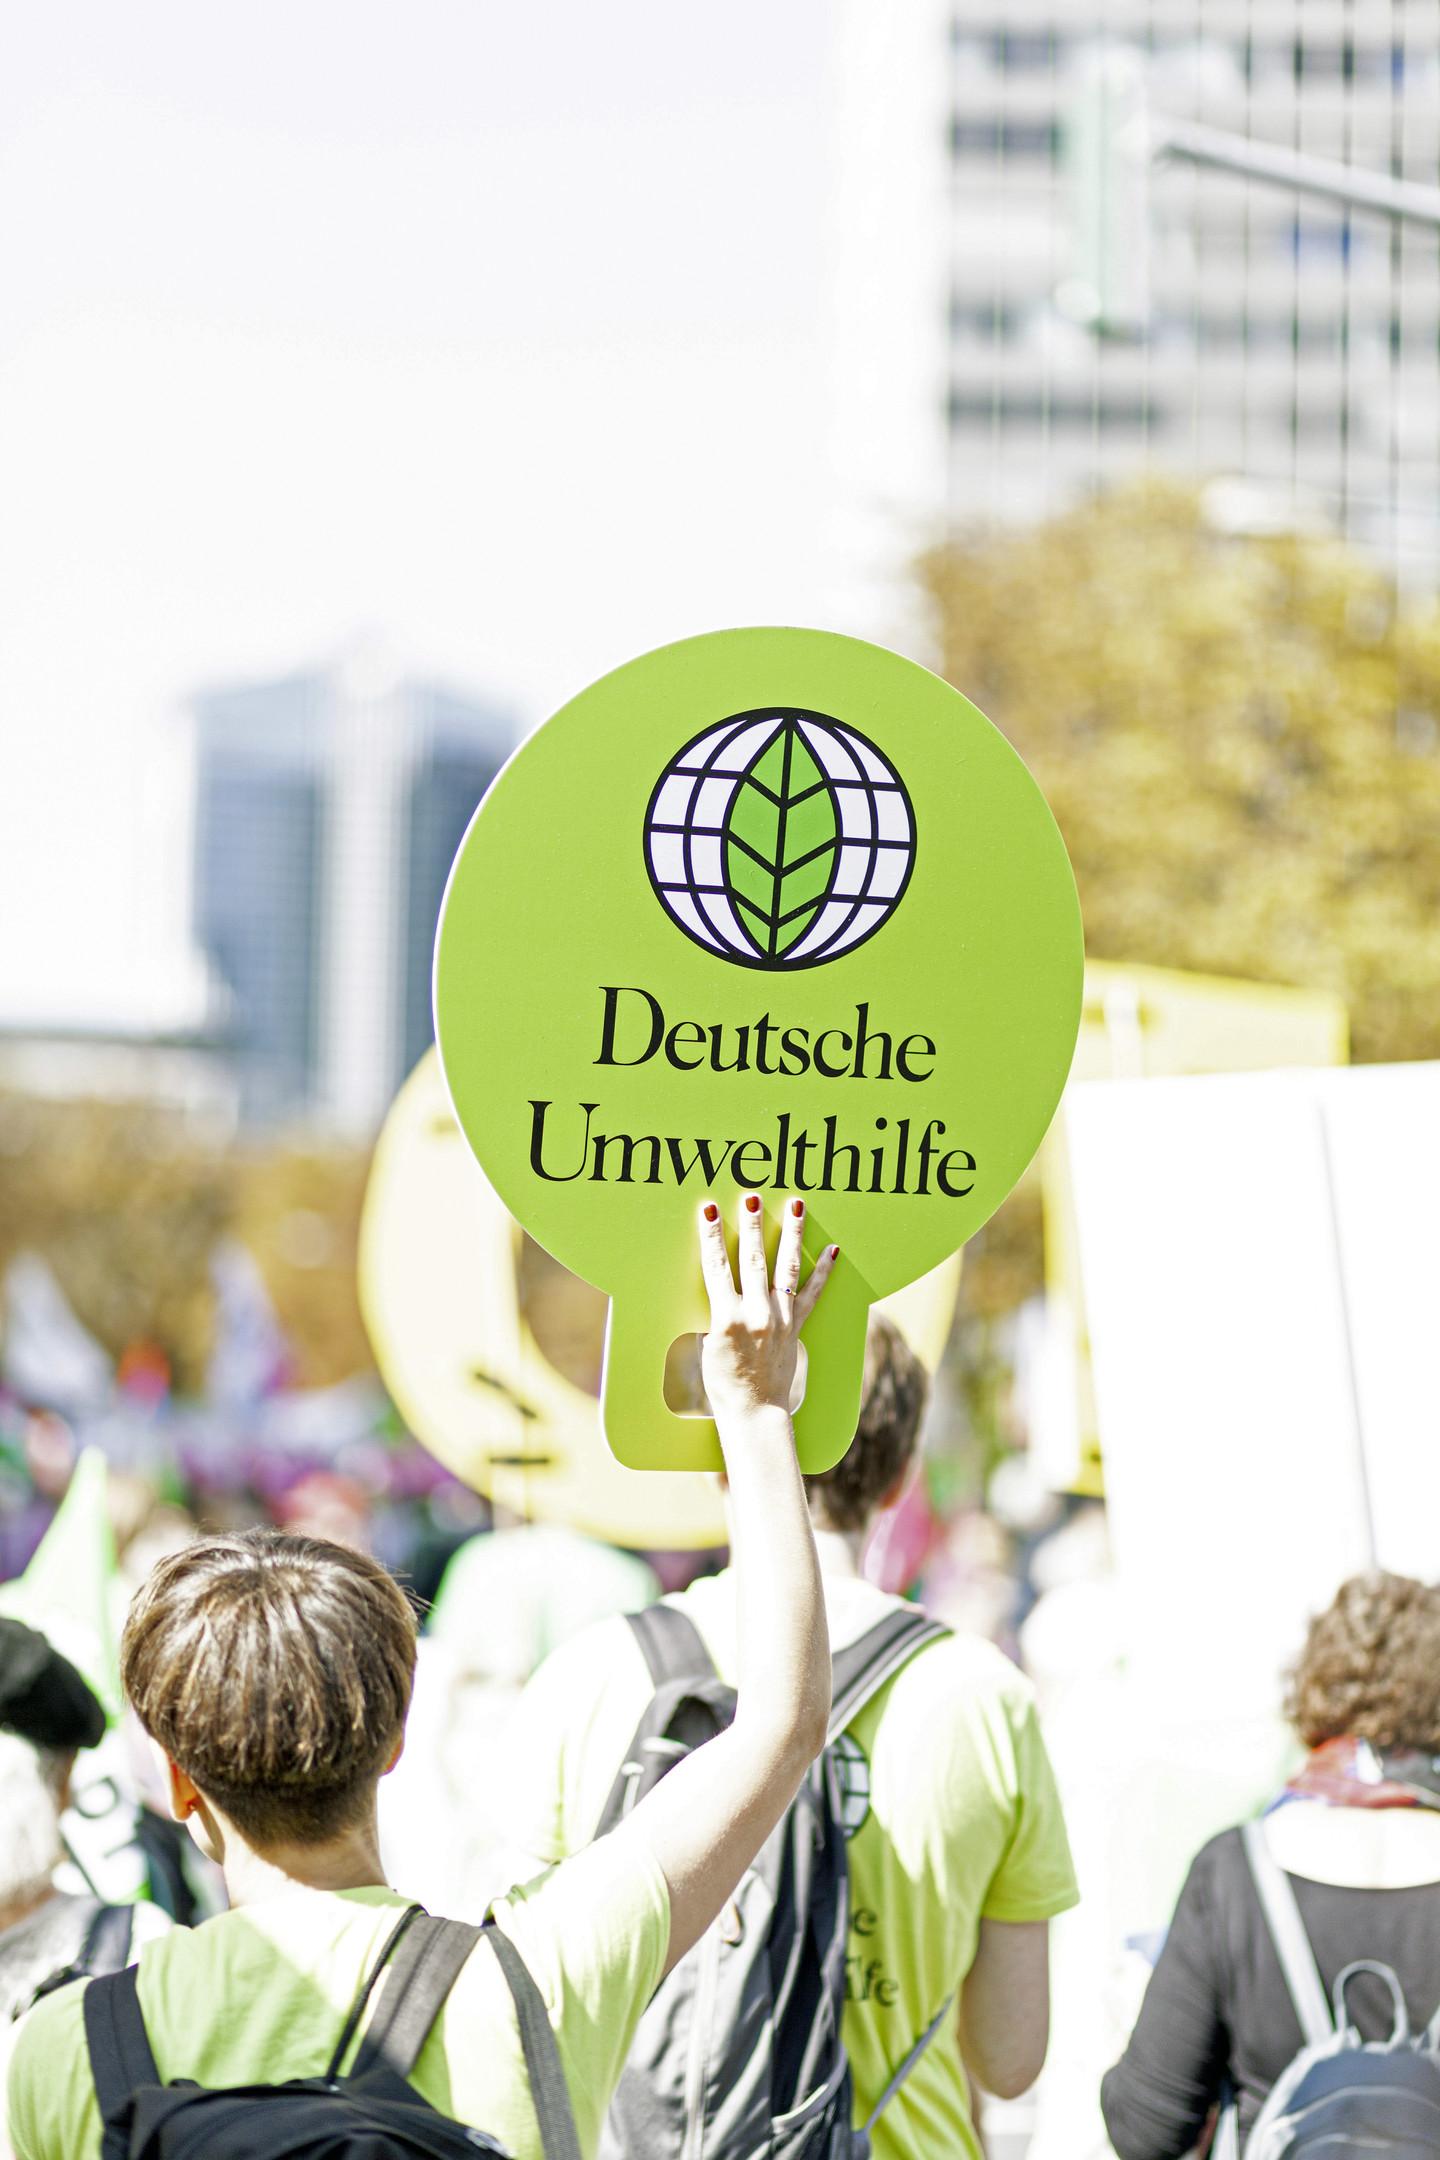 Ja, ich unterstütze den Schutz von Mensch und Natur: